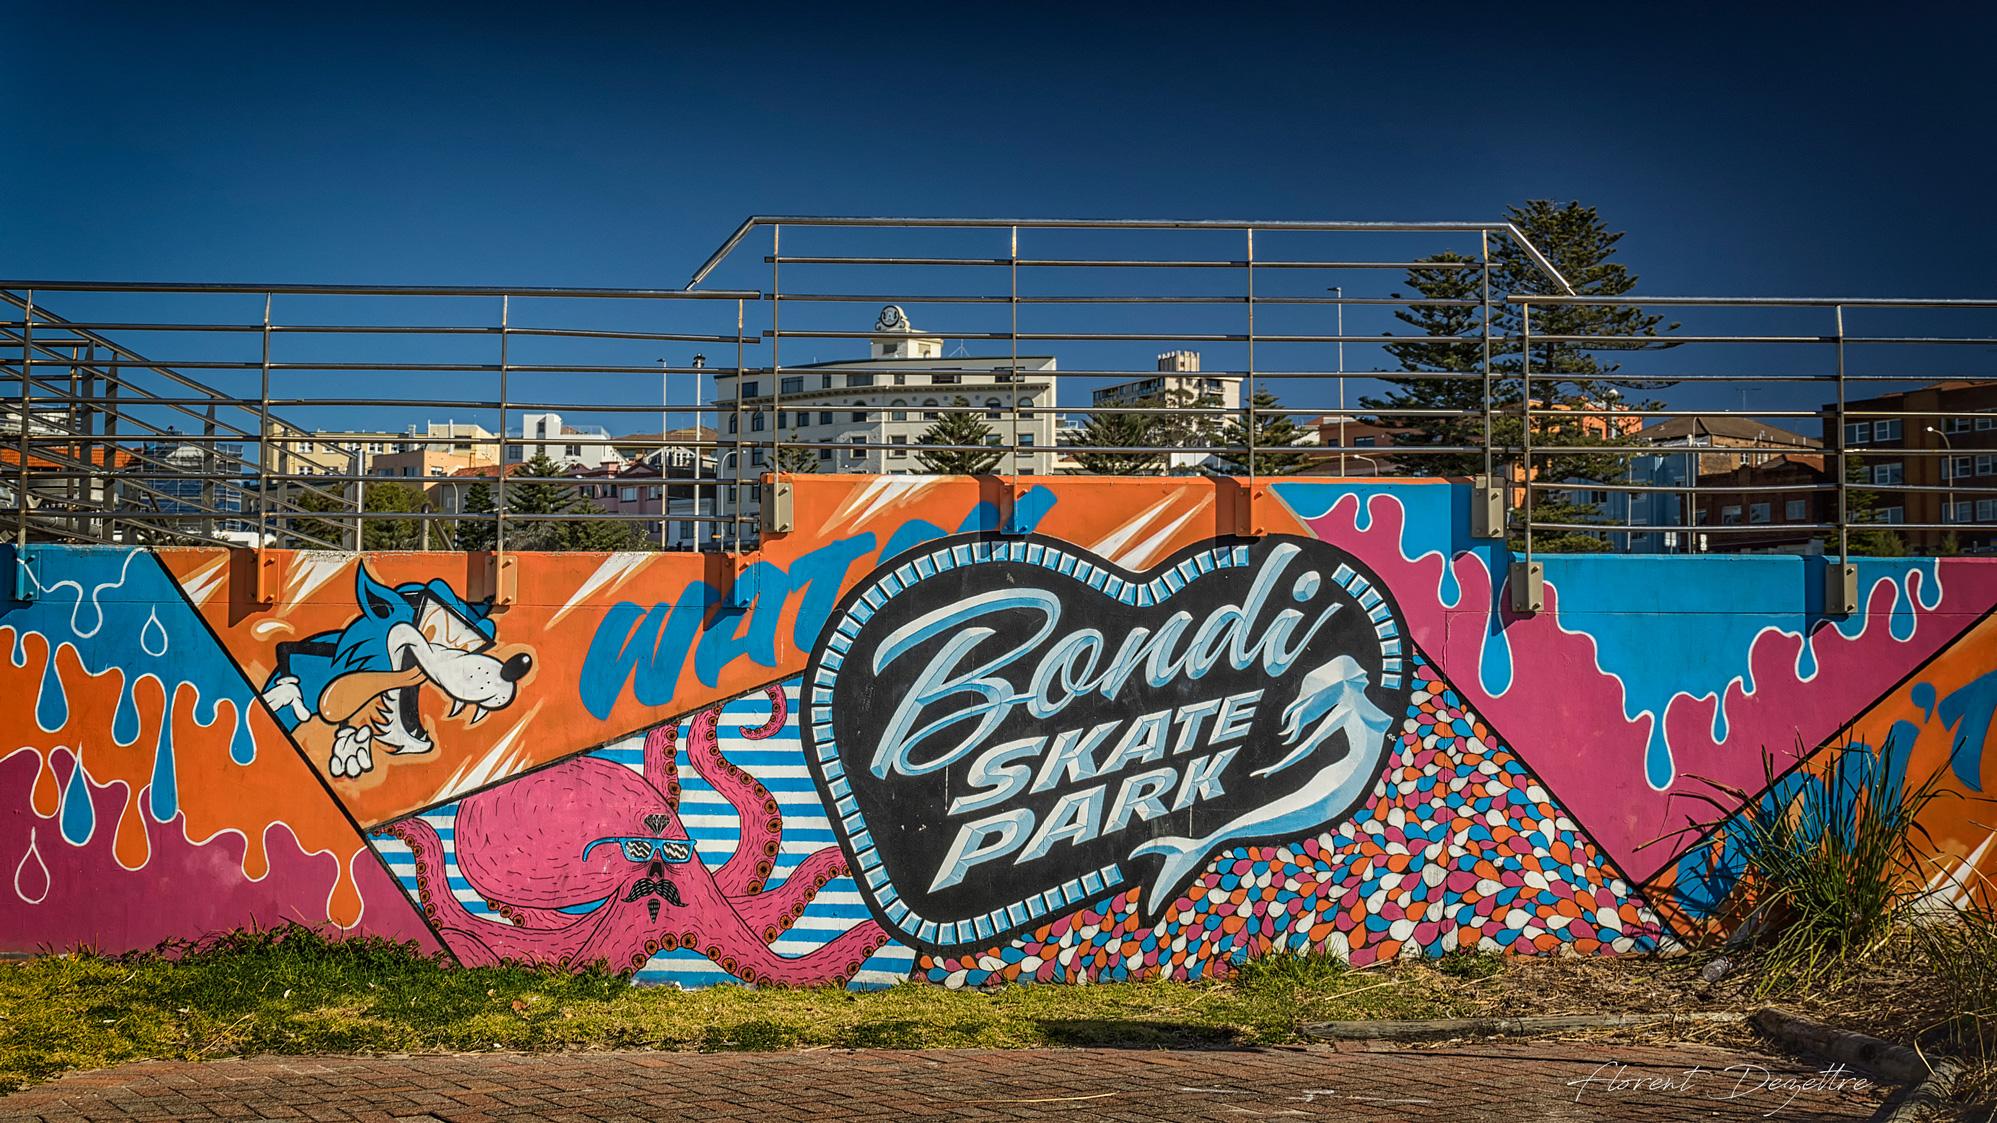 Bondi-Skate-Park